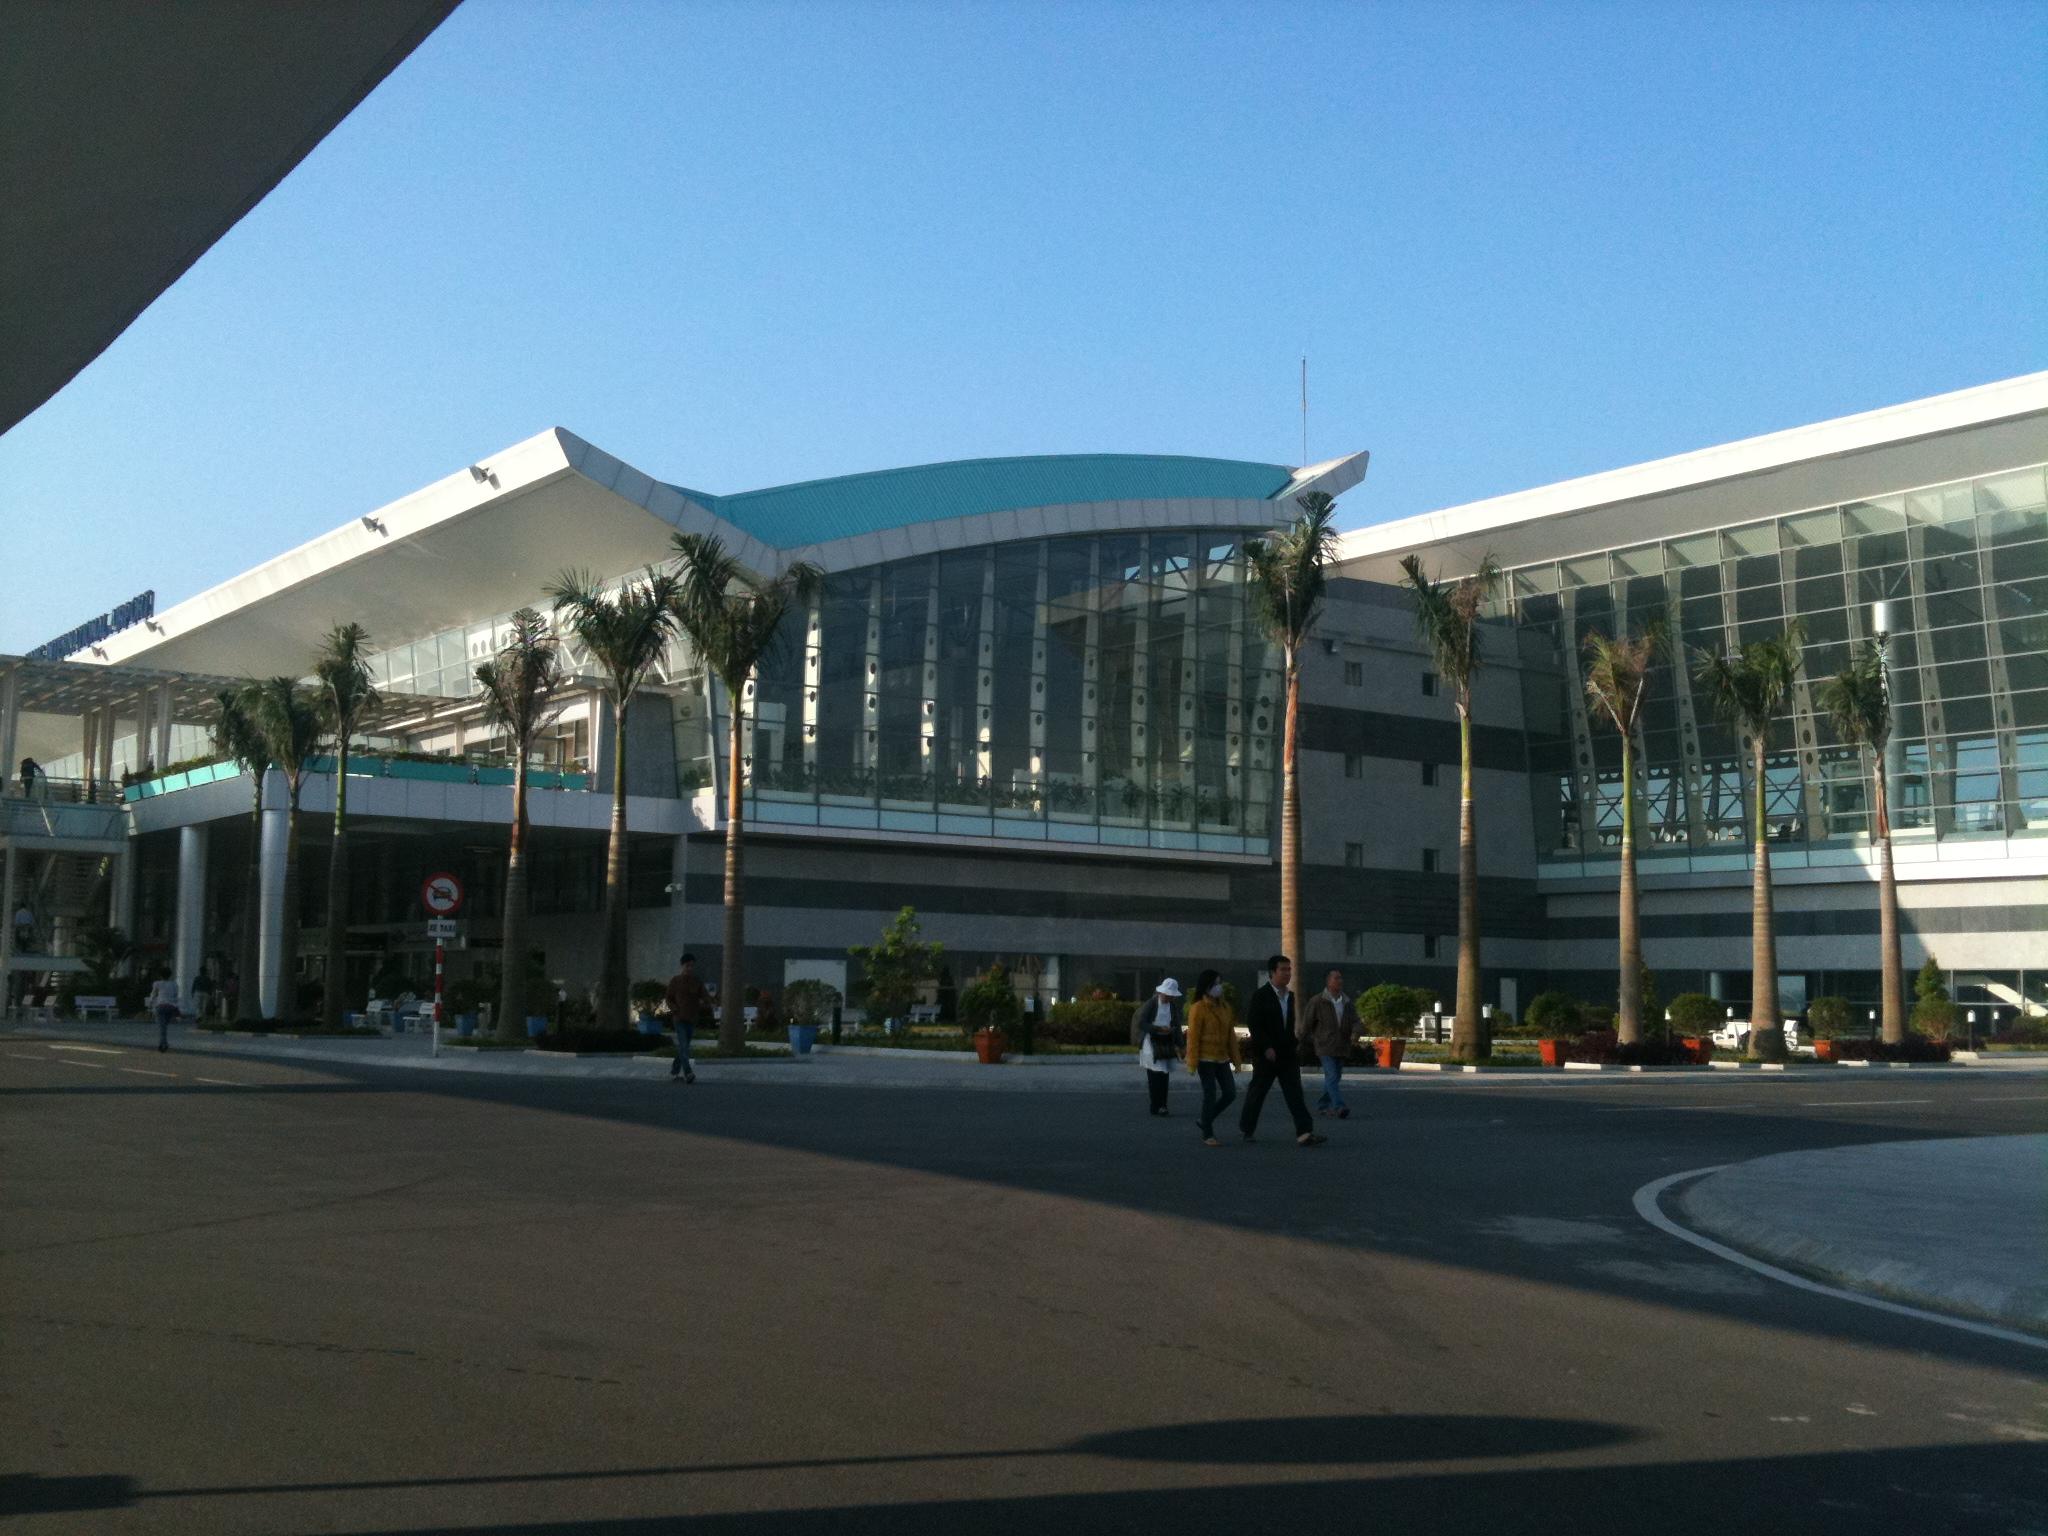 Nhóm cán bộ hải quan bị kỷ luật vì vòi vĩnh khách ở sân bay Đà Nẵng 1